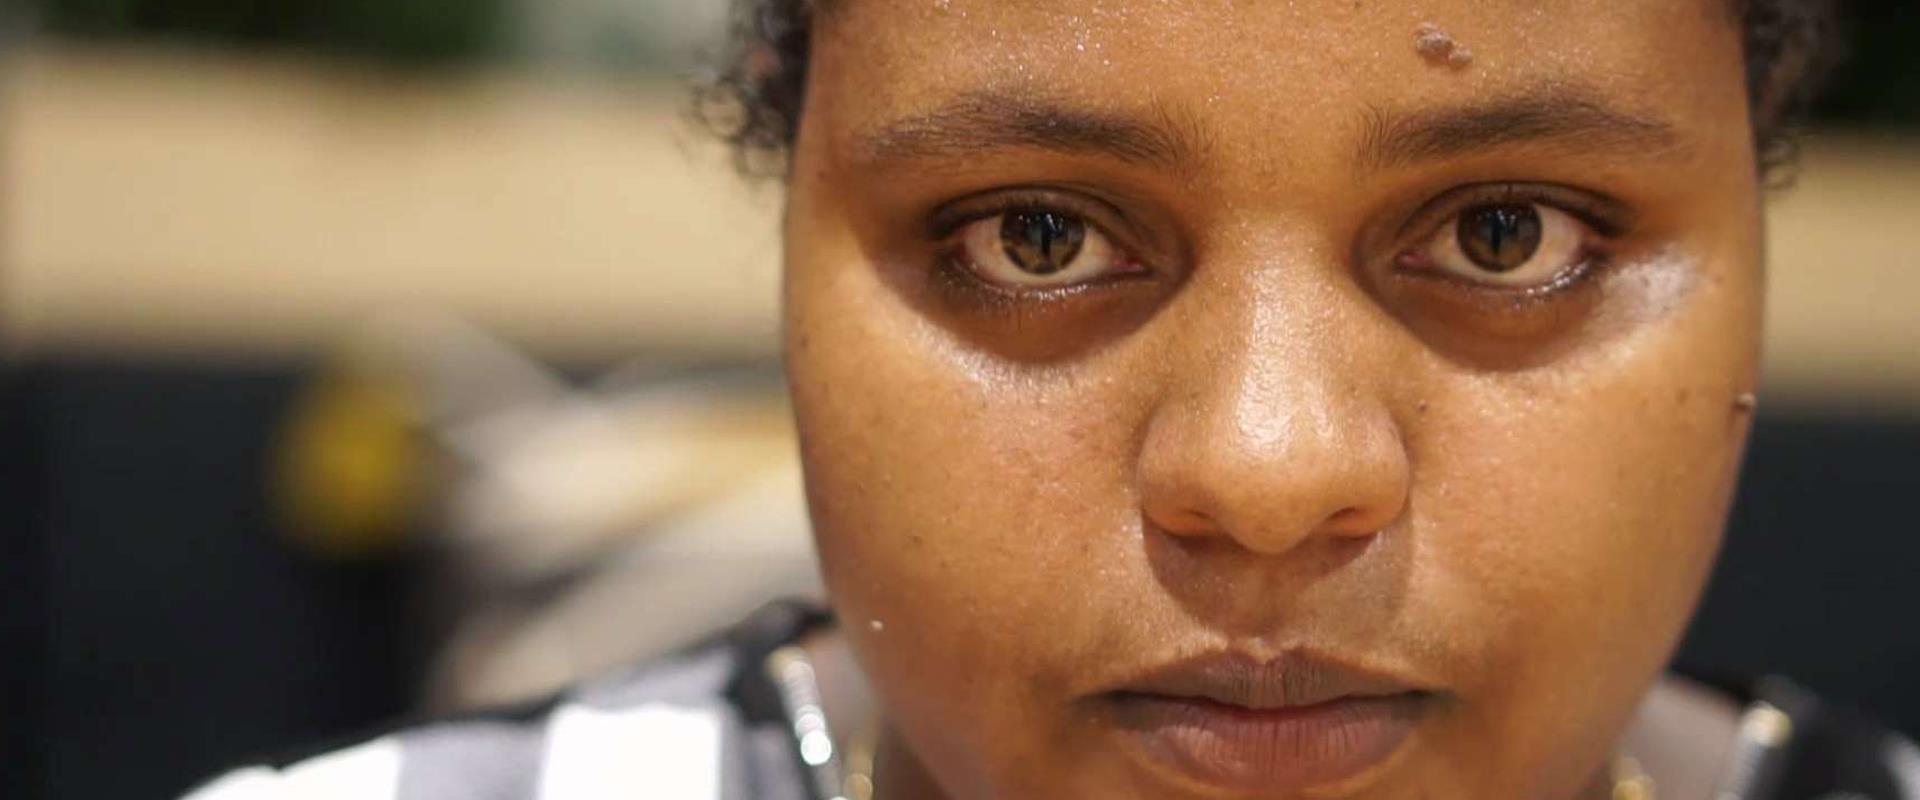 מגירוש לתקווה: קורבנות הסחר מאתיופיה